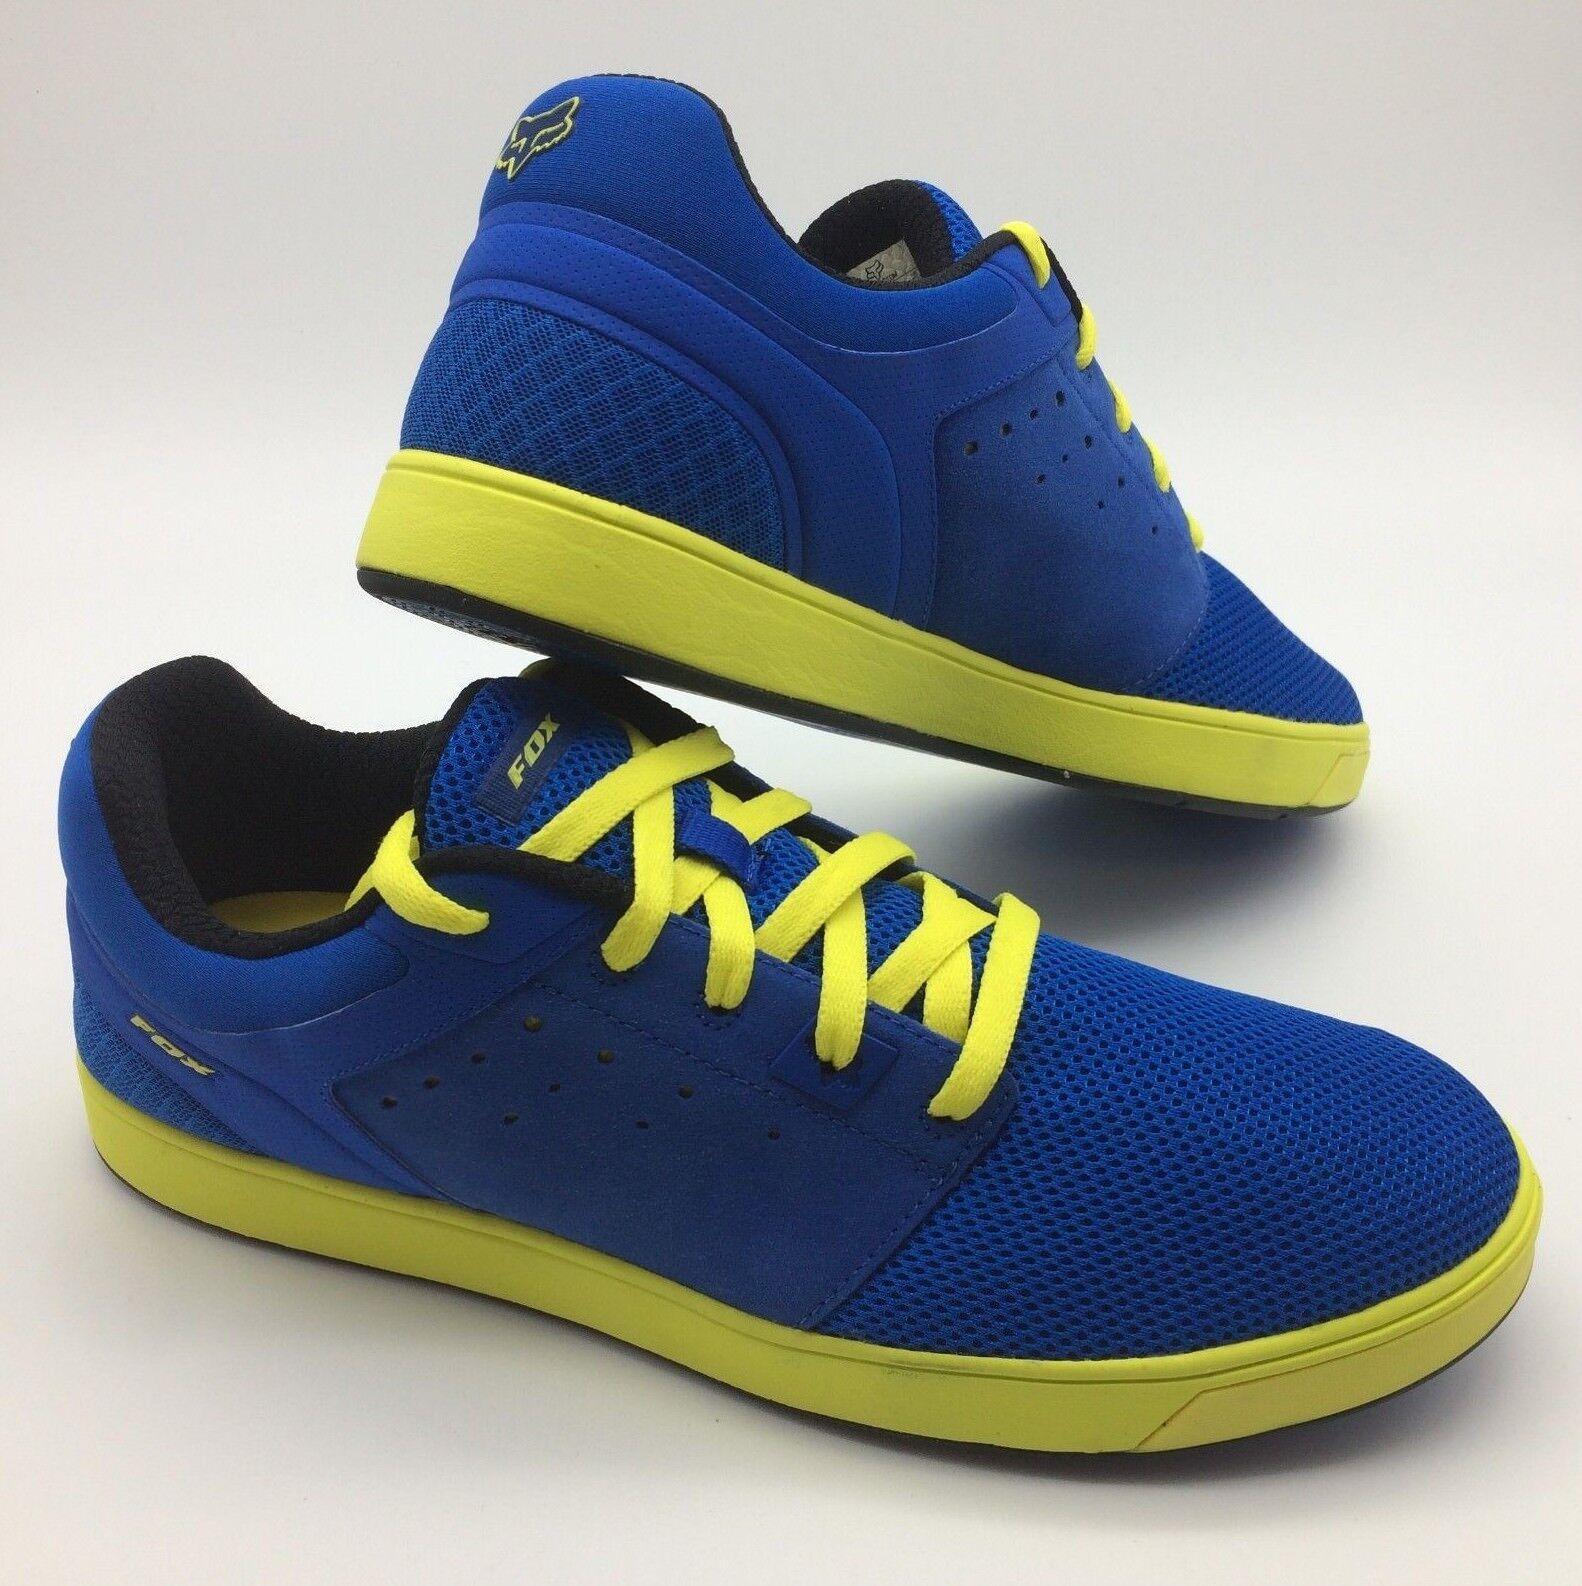 Fox Herren Schuhe   Bewegung Scrub Frisches   Blau Gelb Blau   Gelb